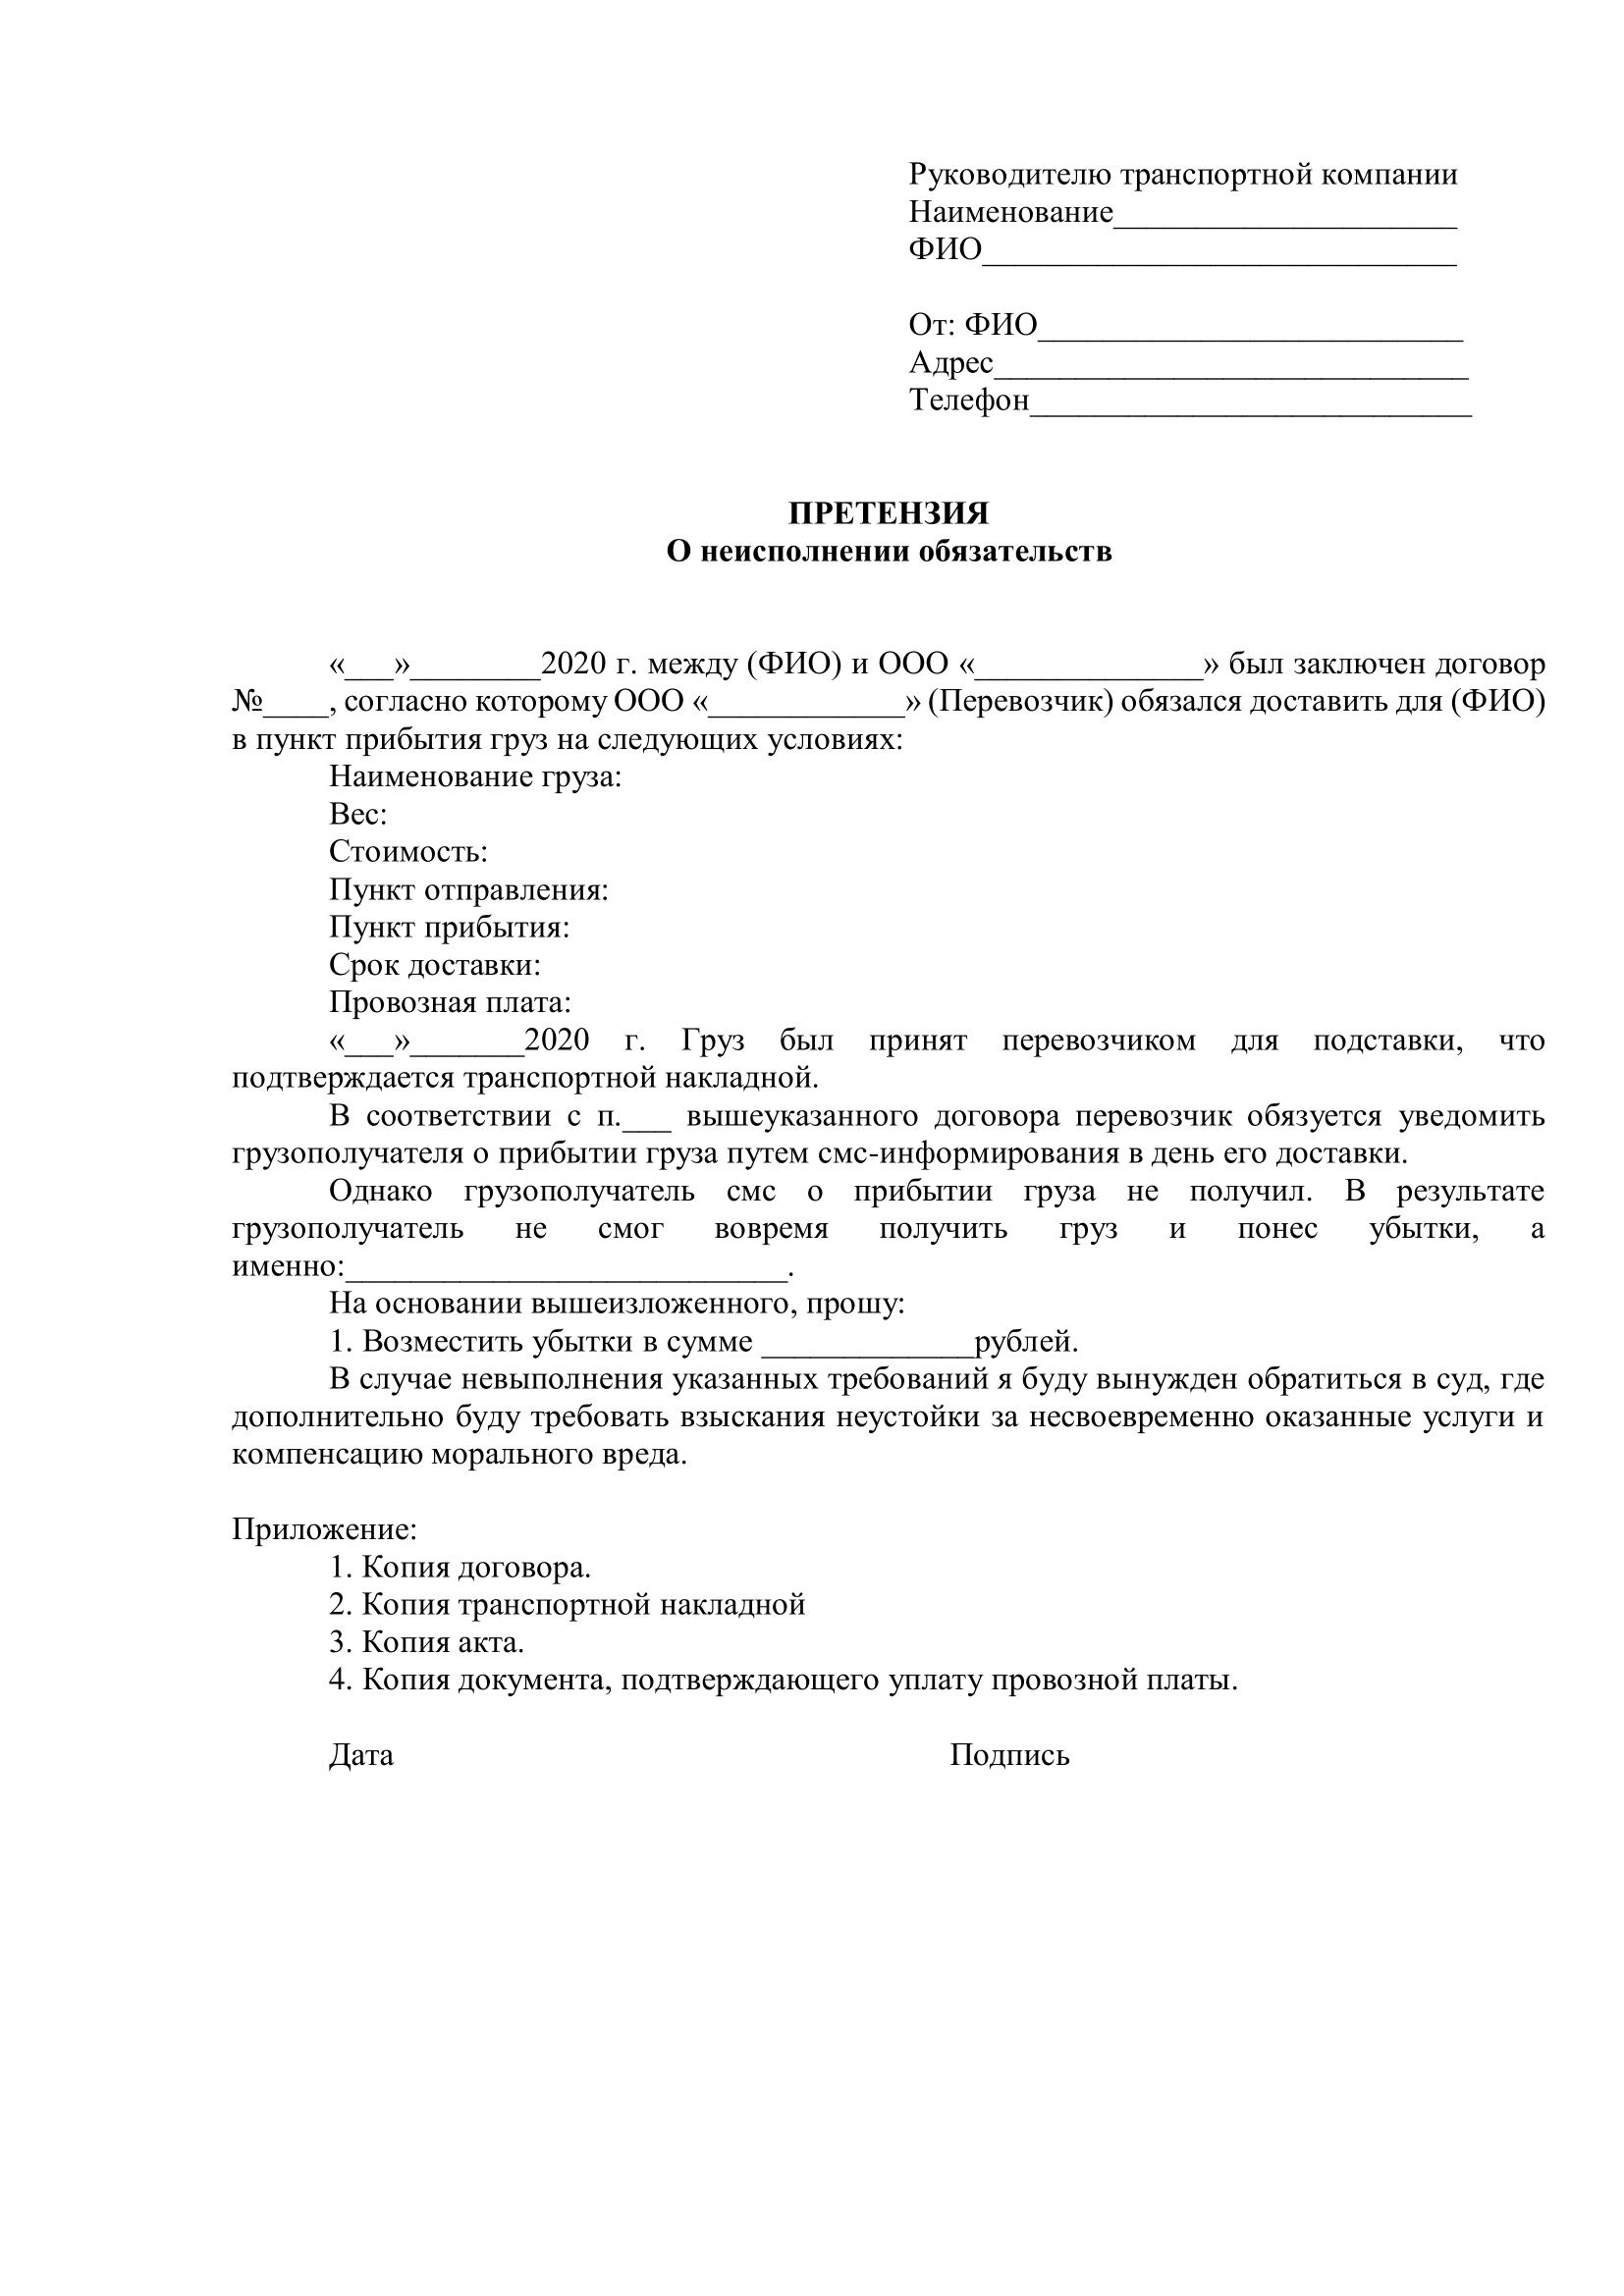 Претензия в транспортную компанию о неисполнении обязательств